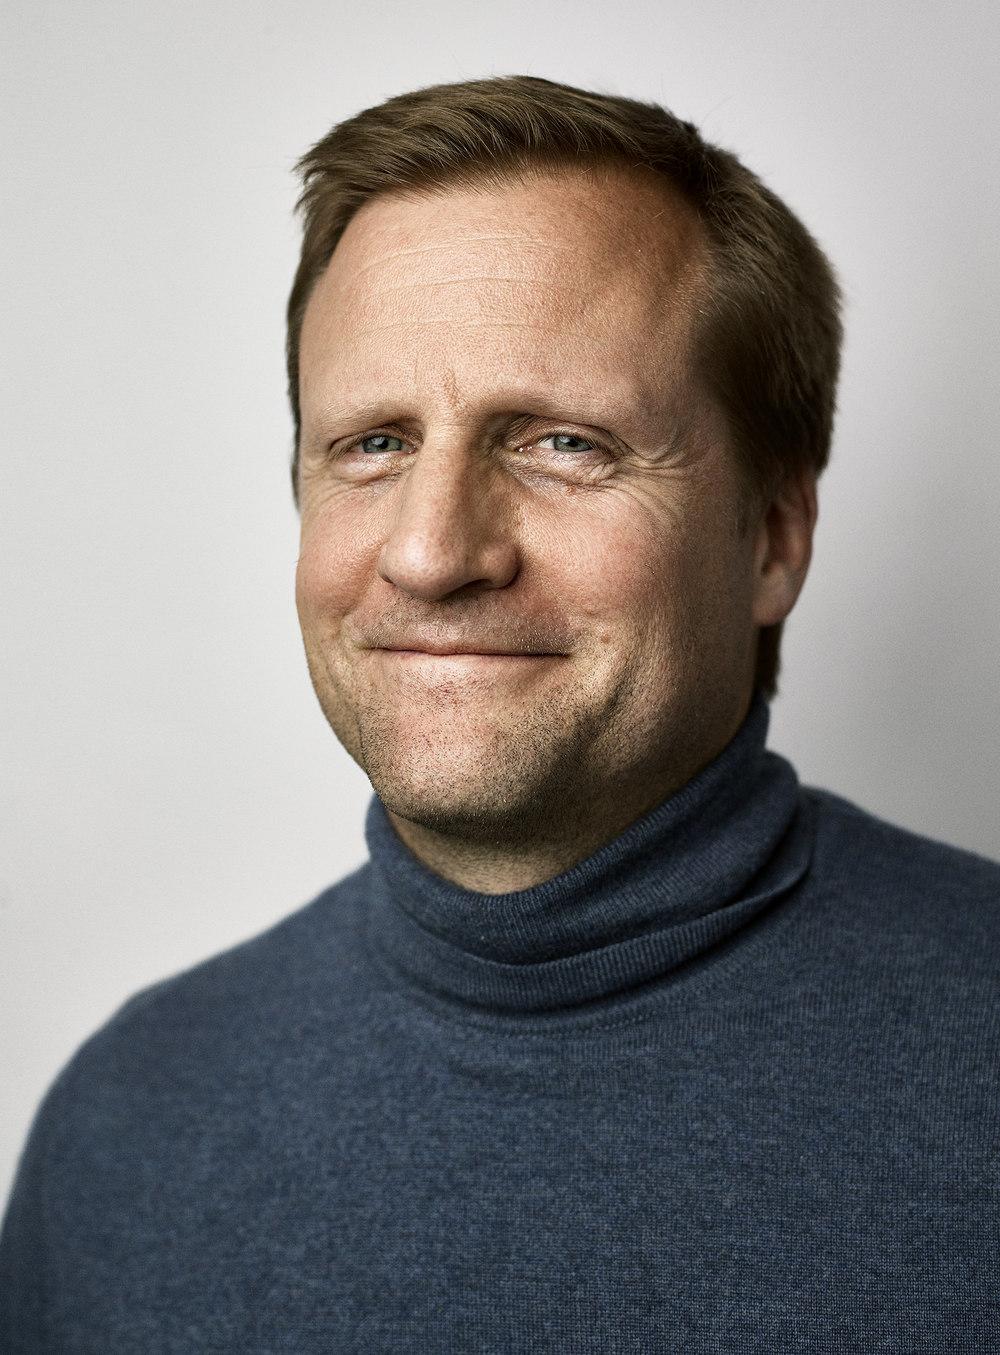 Ian Kilsby